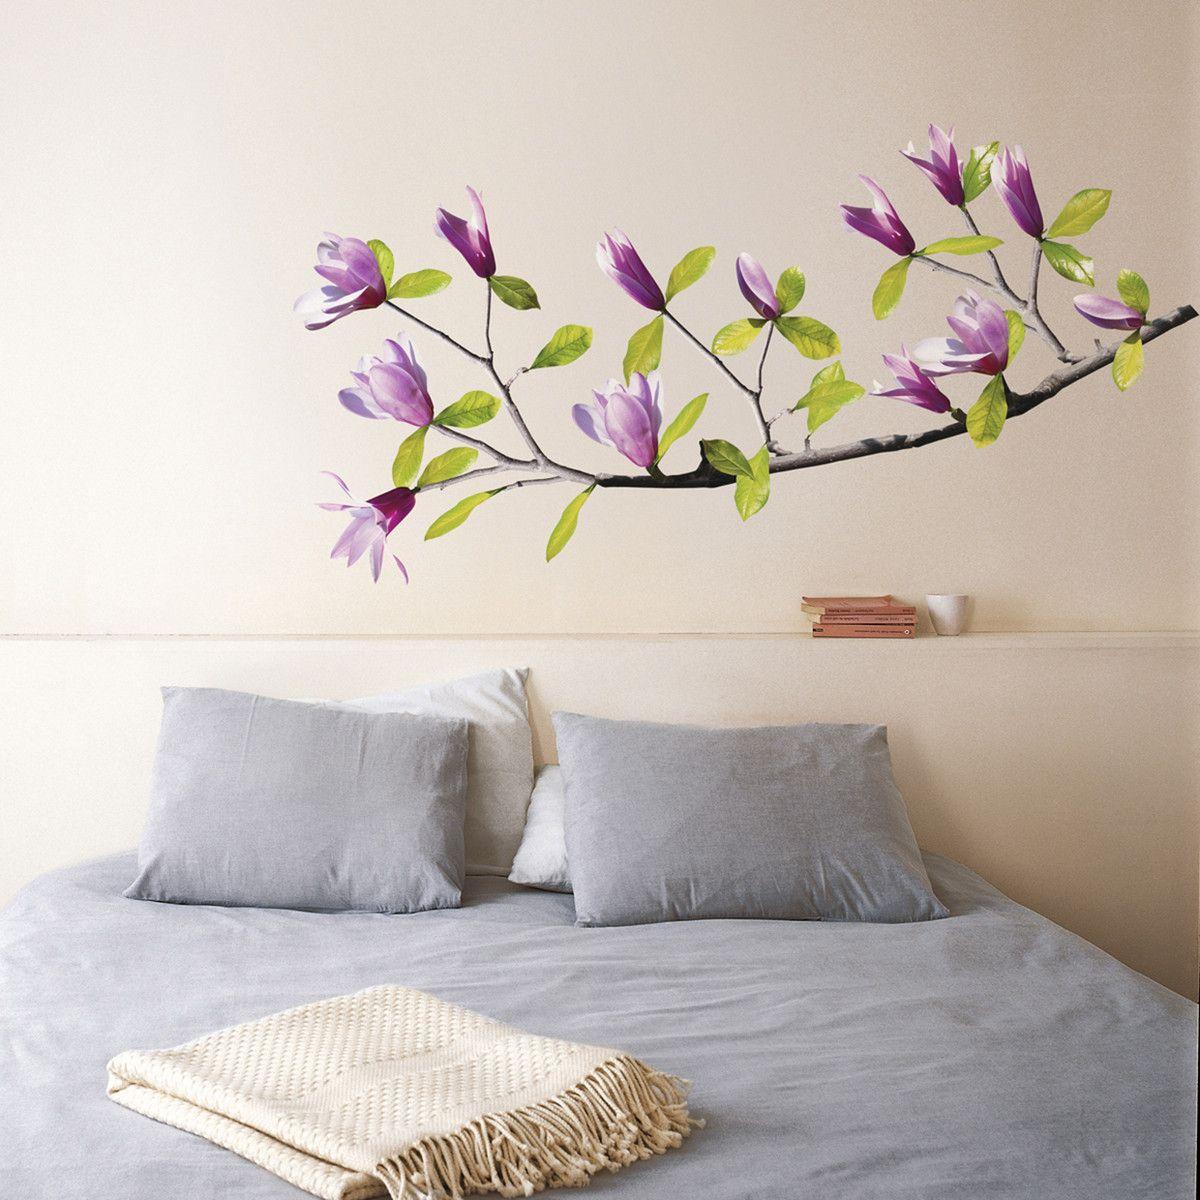 Fab magnolia quick